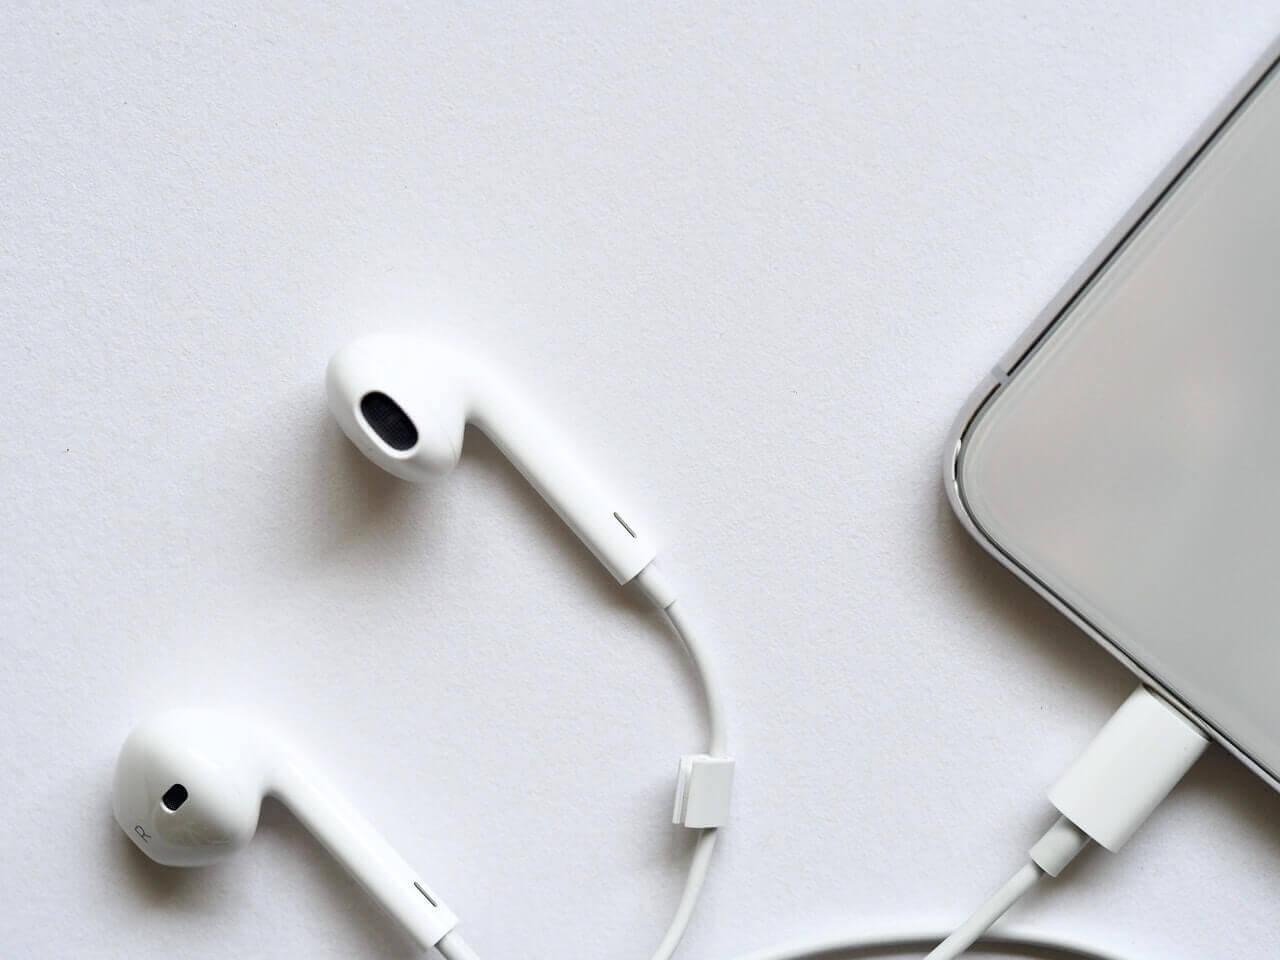 Problemas causados pelo uso indevido de fones de ouvido